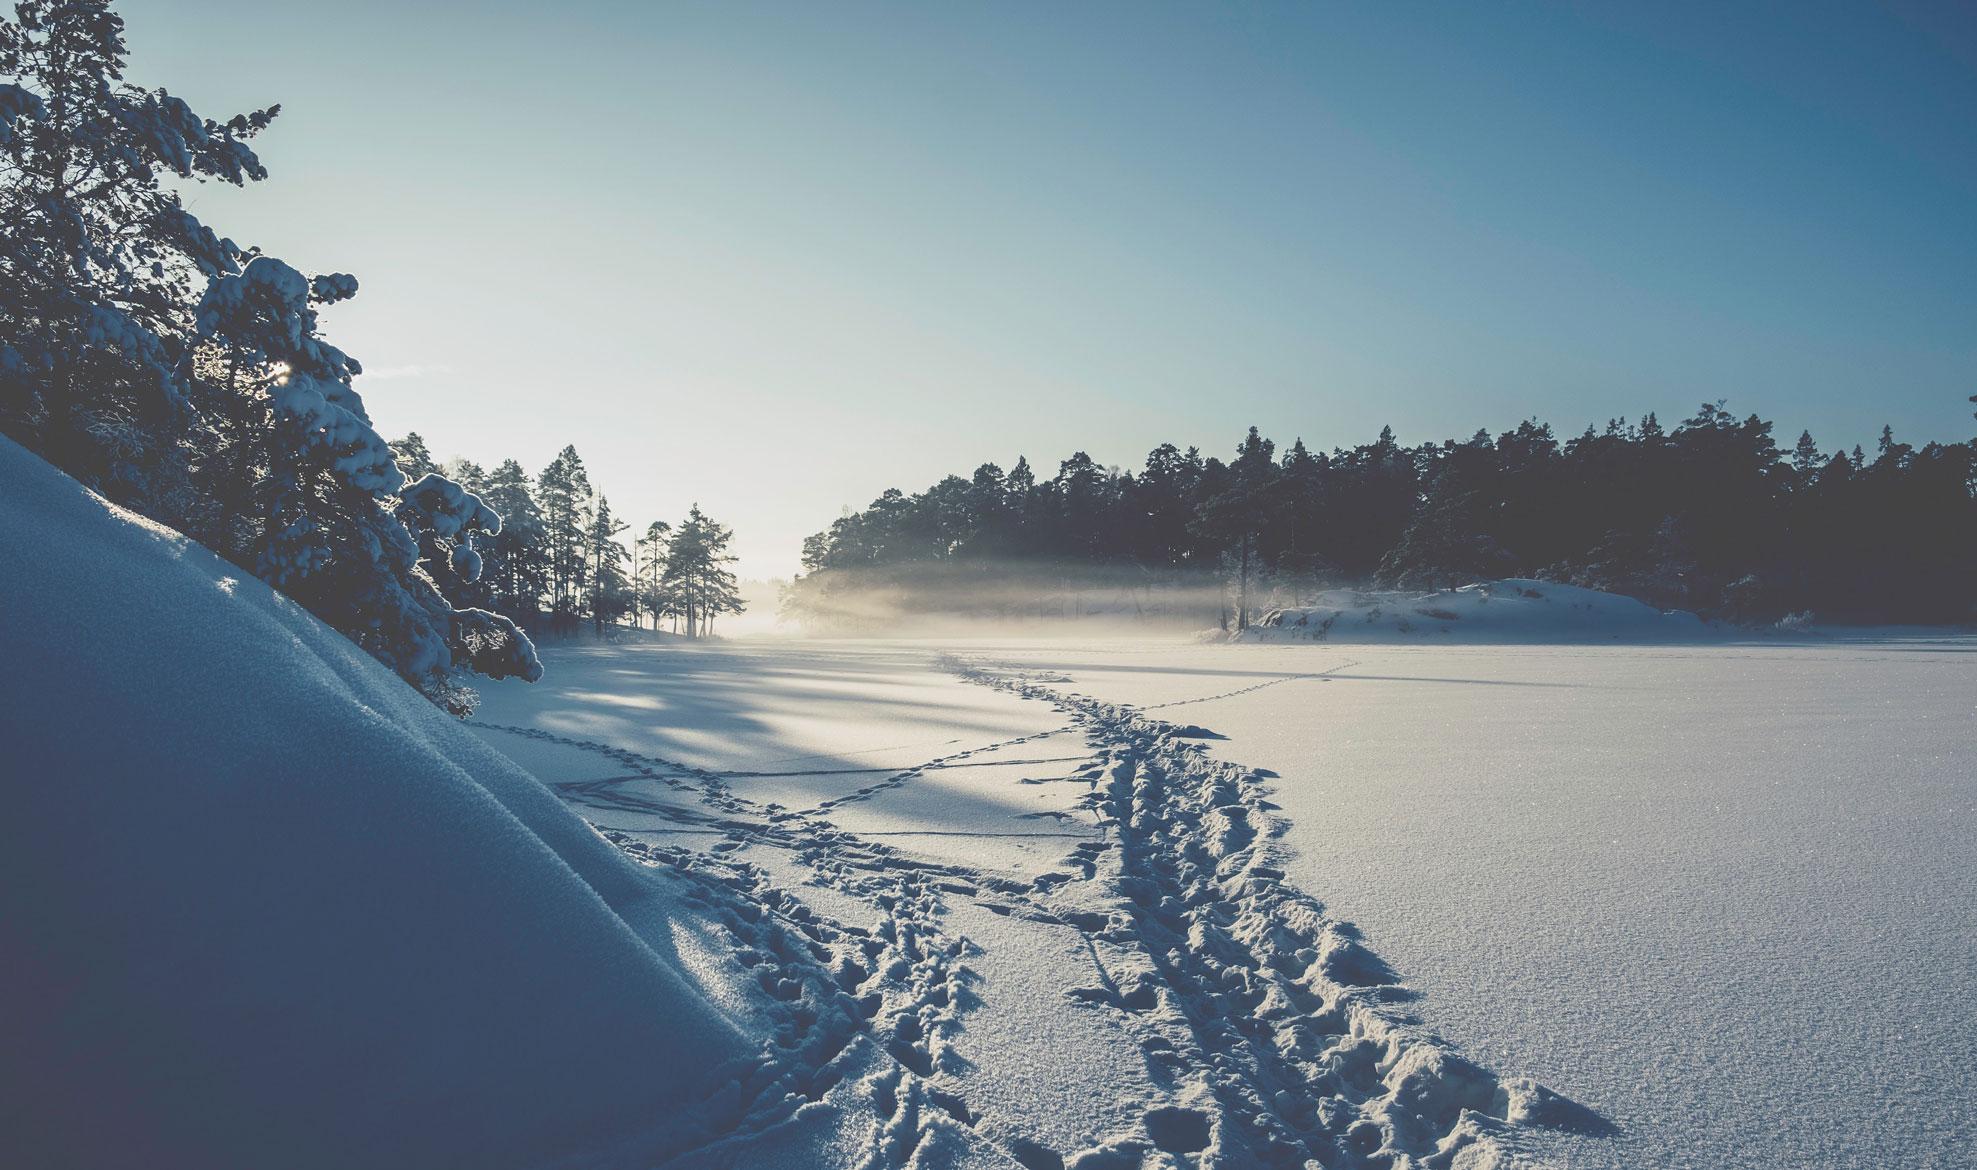 Vakantiehuis Zweden - uitzicht in de sneeuw